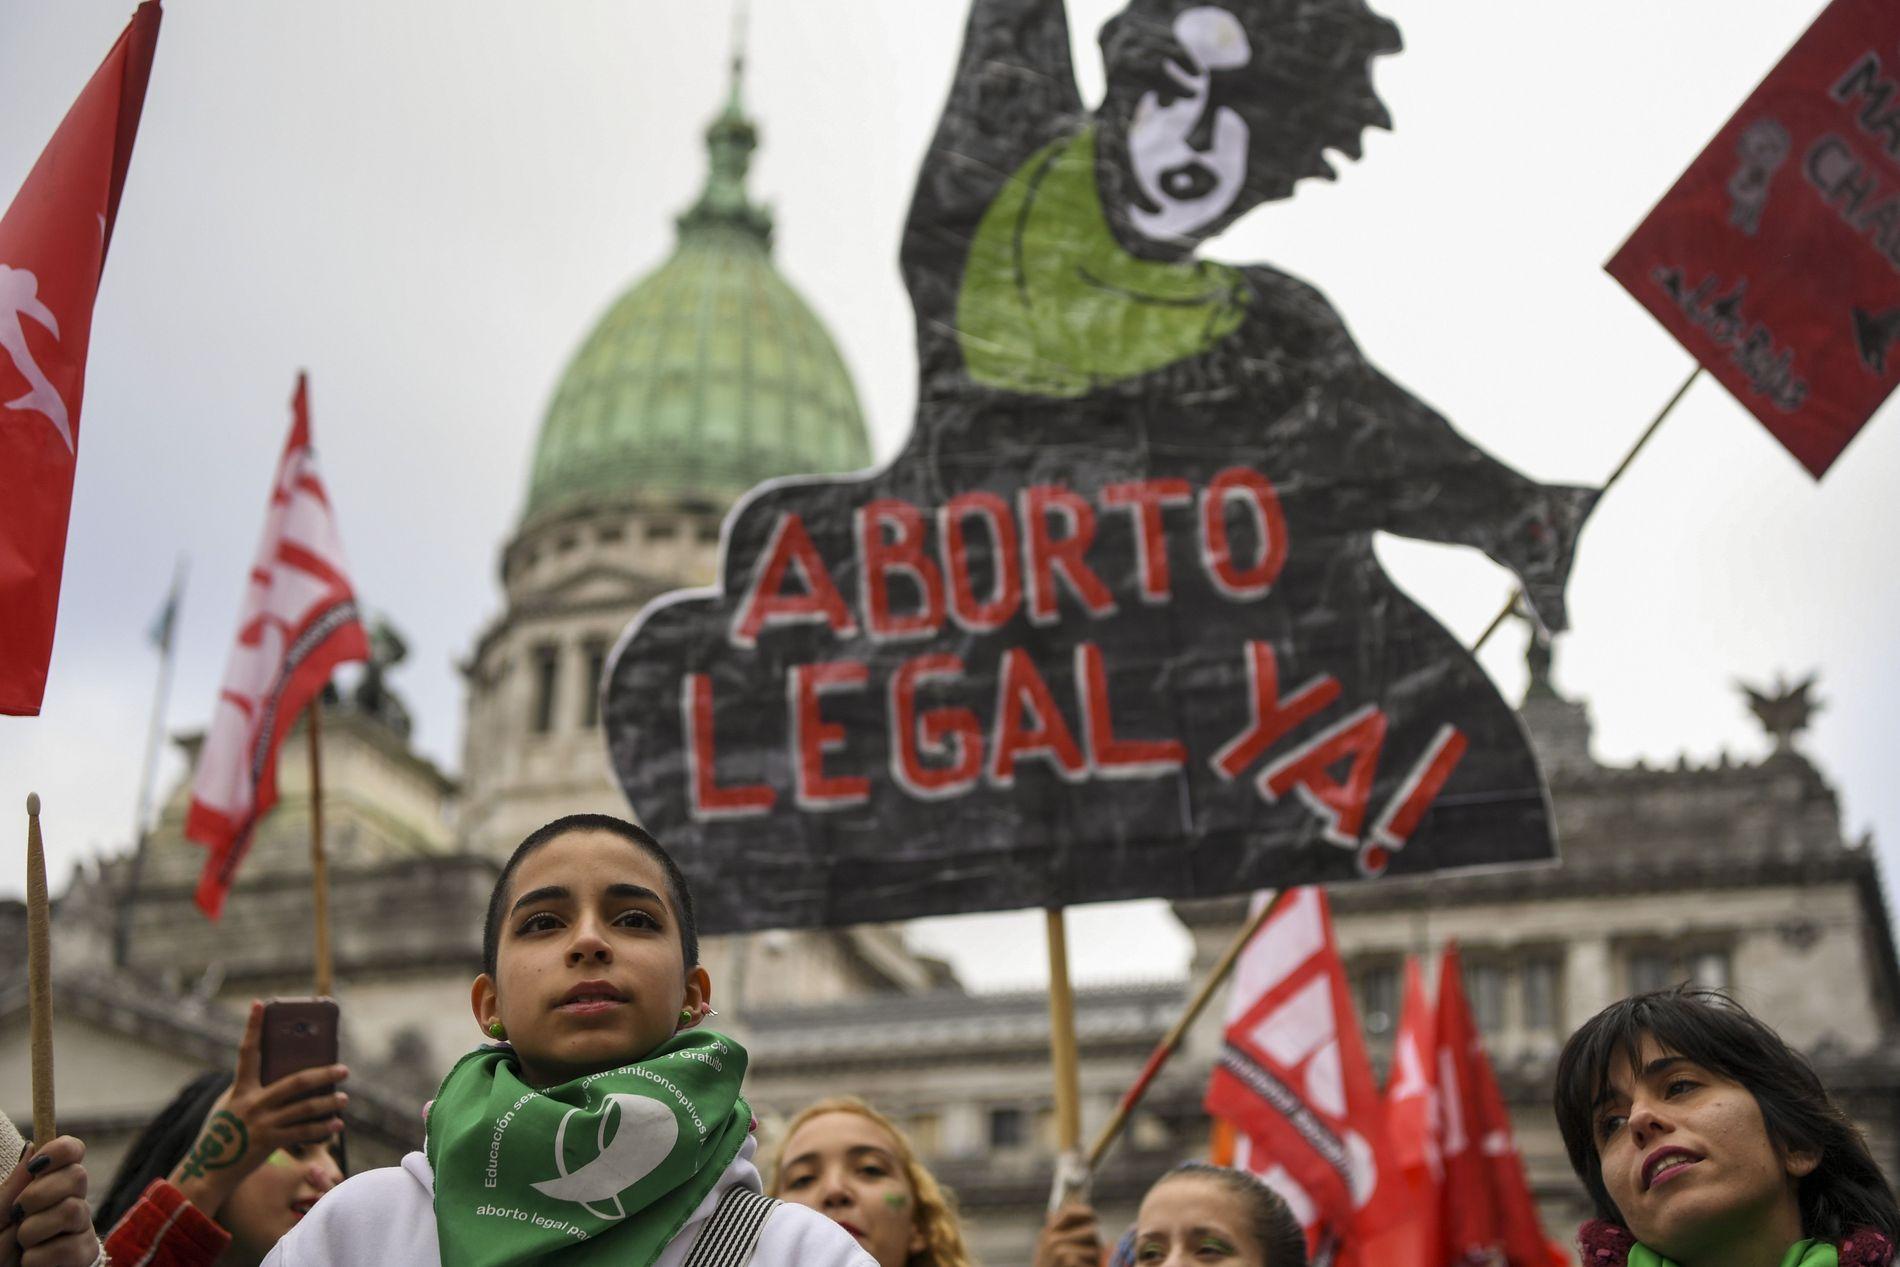 TROSSET KULDEN: Titusener av kvinner ikledd grønne skjerf - som er blitt et symbol på abort-bevegelsen i Argentina - trosset kulden utenfor Kongressen i Buenos Aires gjennom den 20 timer lange debatten om abort i nasjonalforsamlingen onsdag og torsdag.